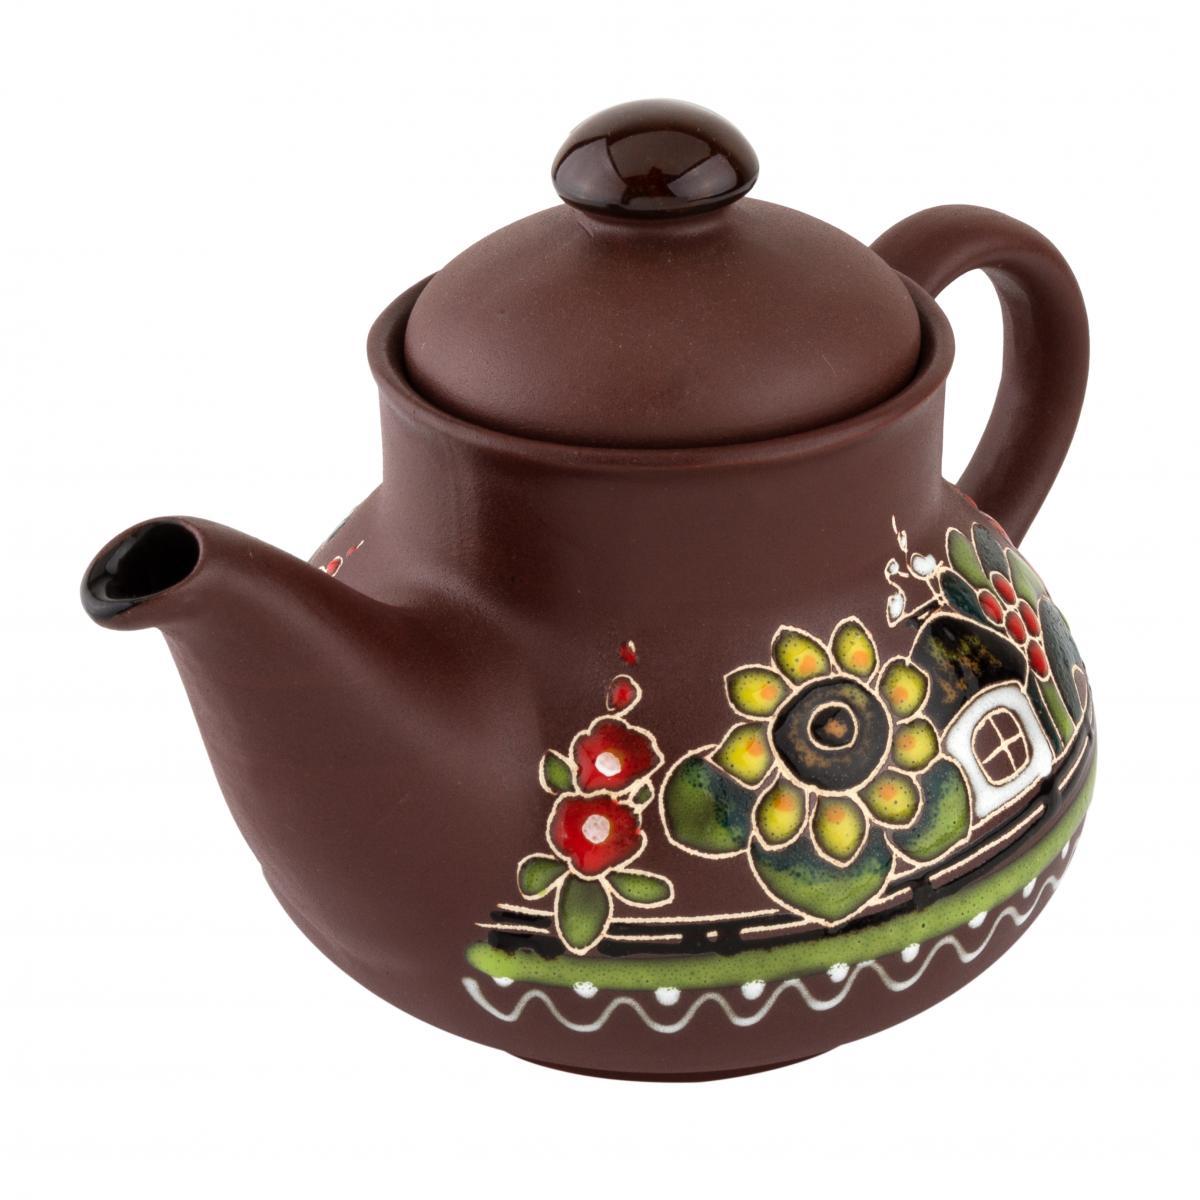 Керамический чайник Хуторок 0.7 л. Фото №2. | Народный дом Украина